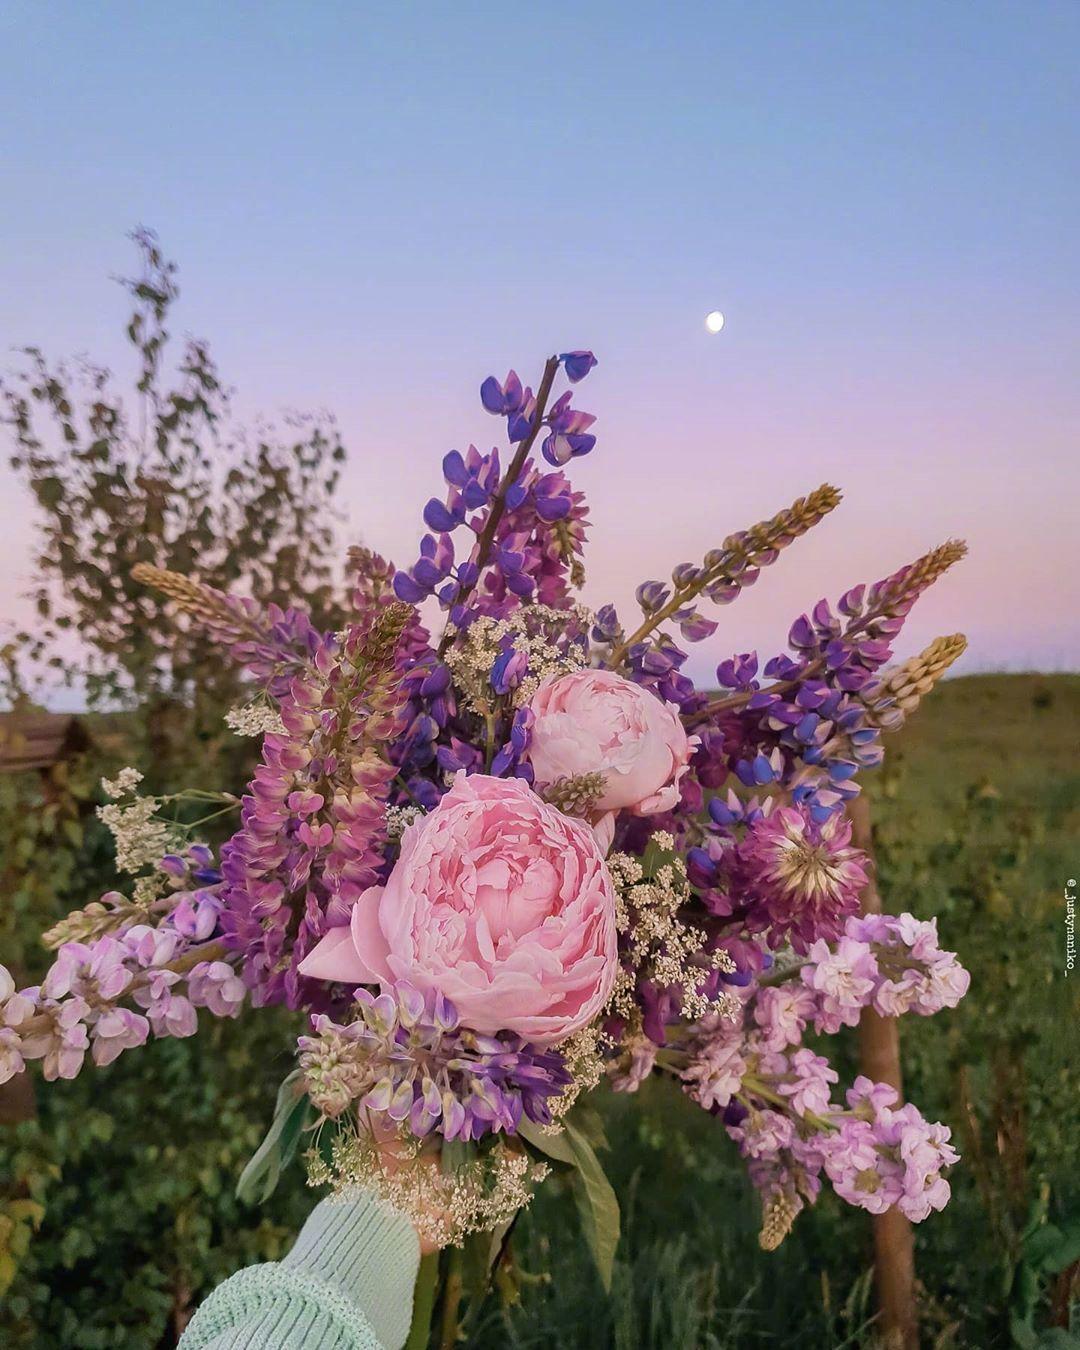 爱别人适可而止,但是爱自己一定要尽心尽力。